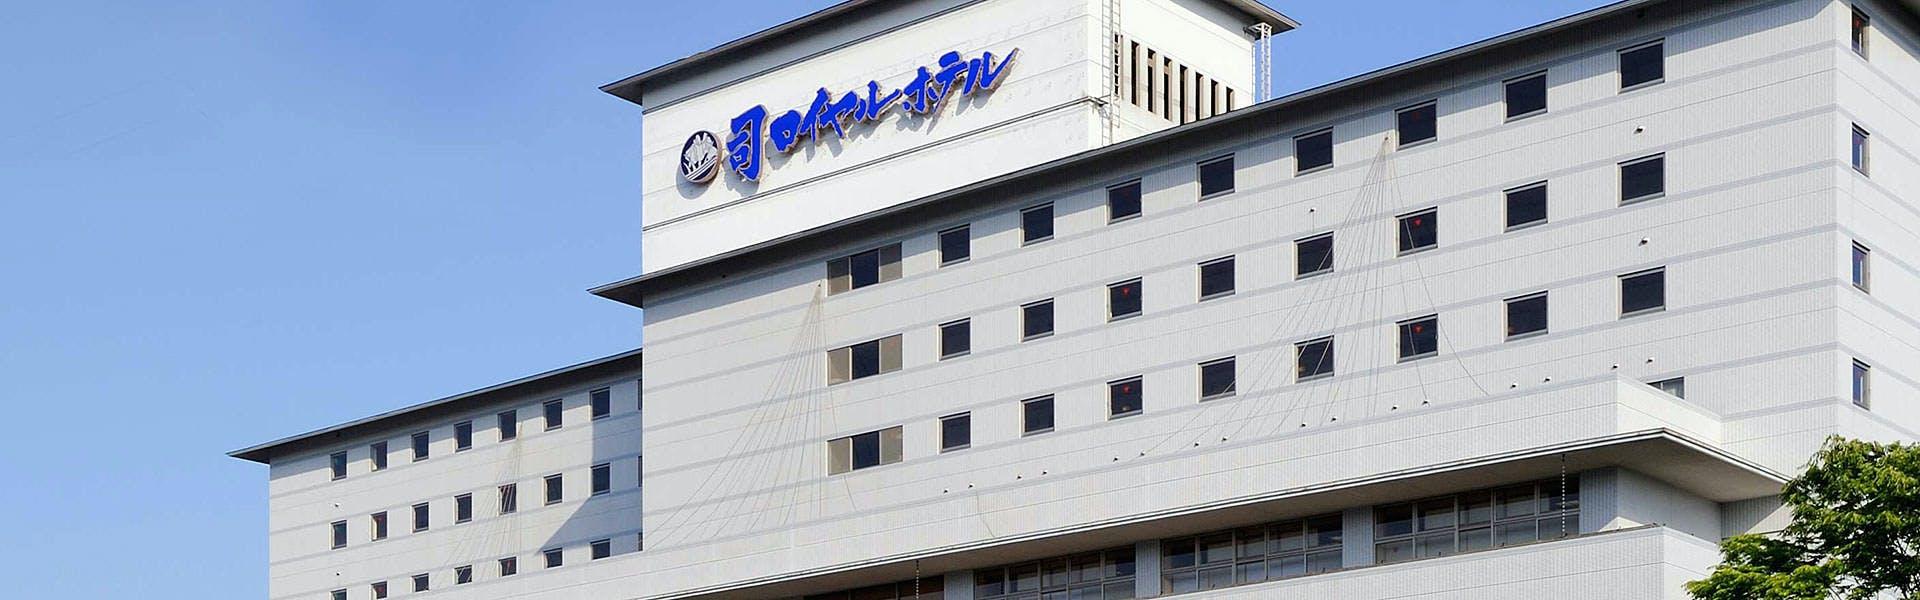 記念日におすすめのホテル・【司ロイヤルホテル】の写真1